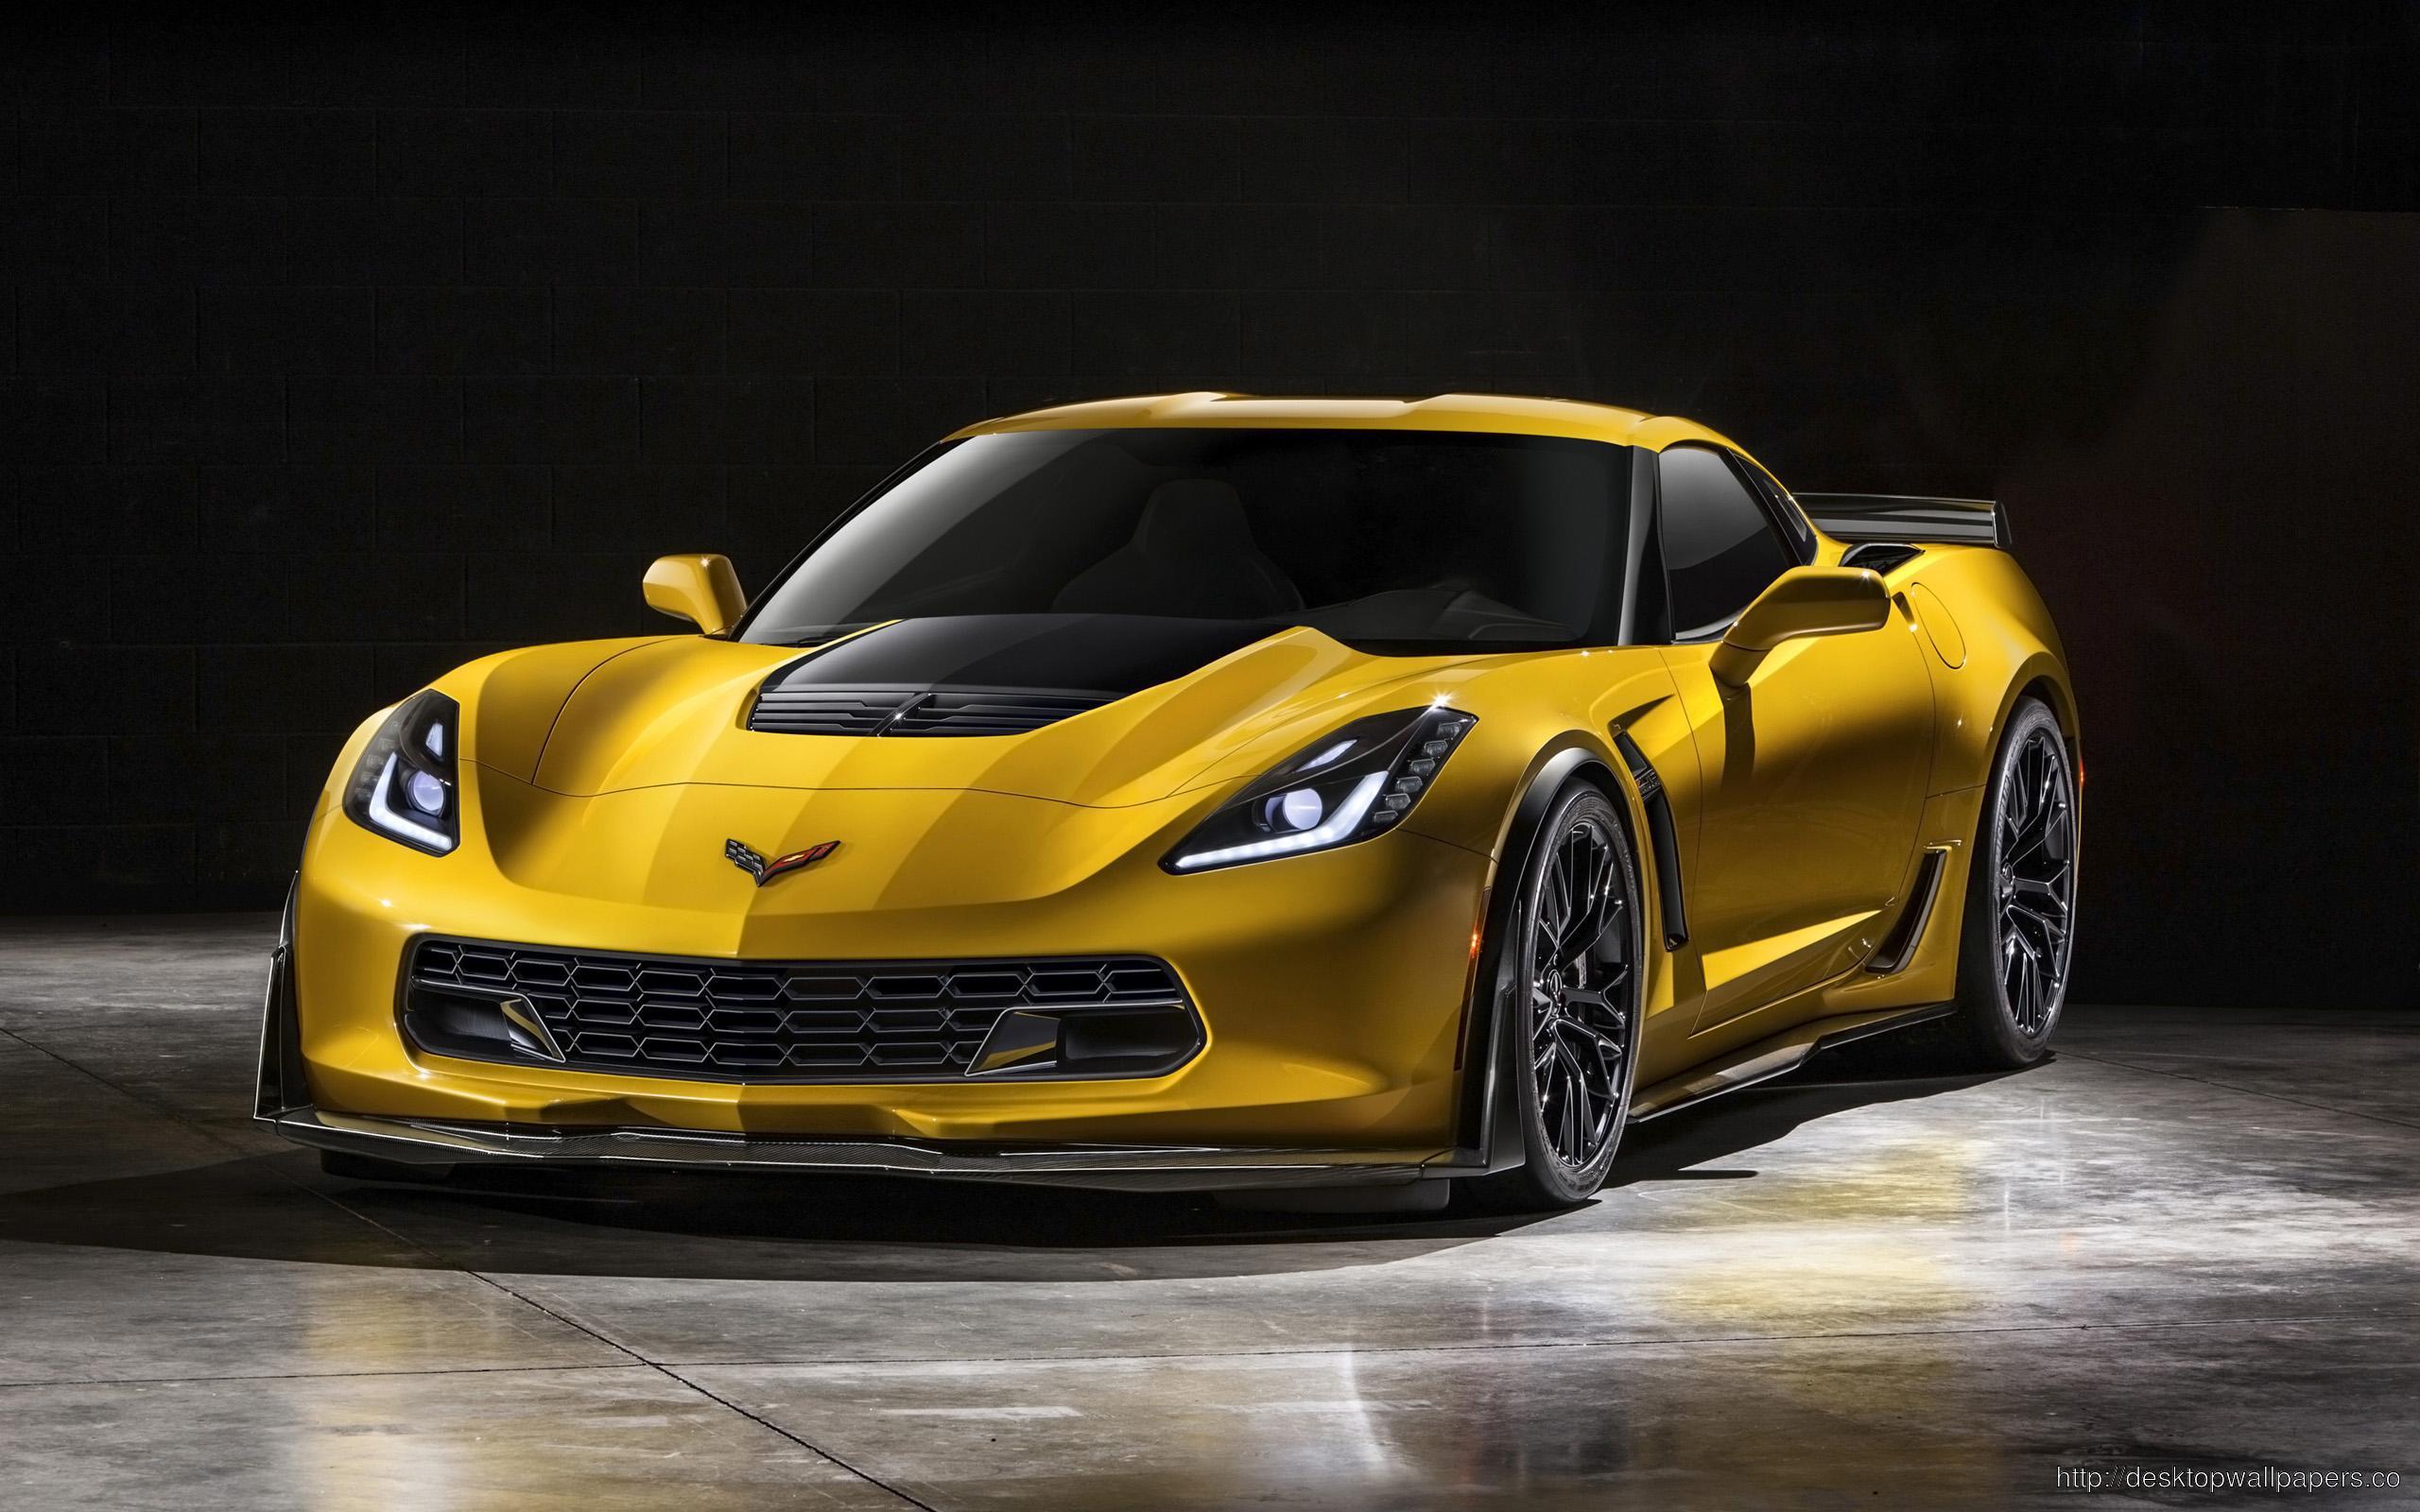 Chevrolet Corvette WallpaperDesktop Wallpapers Download 2560x1600